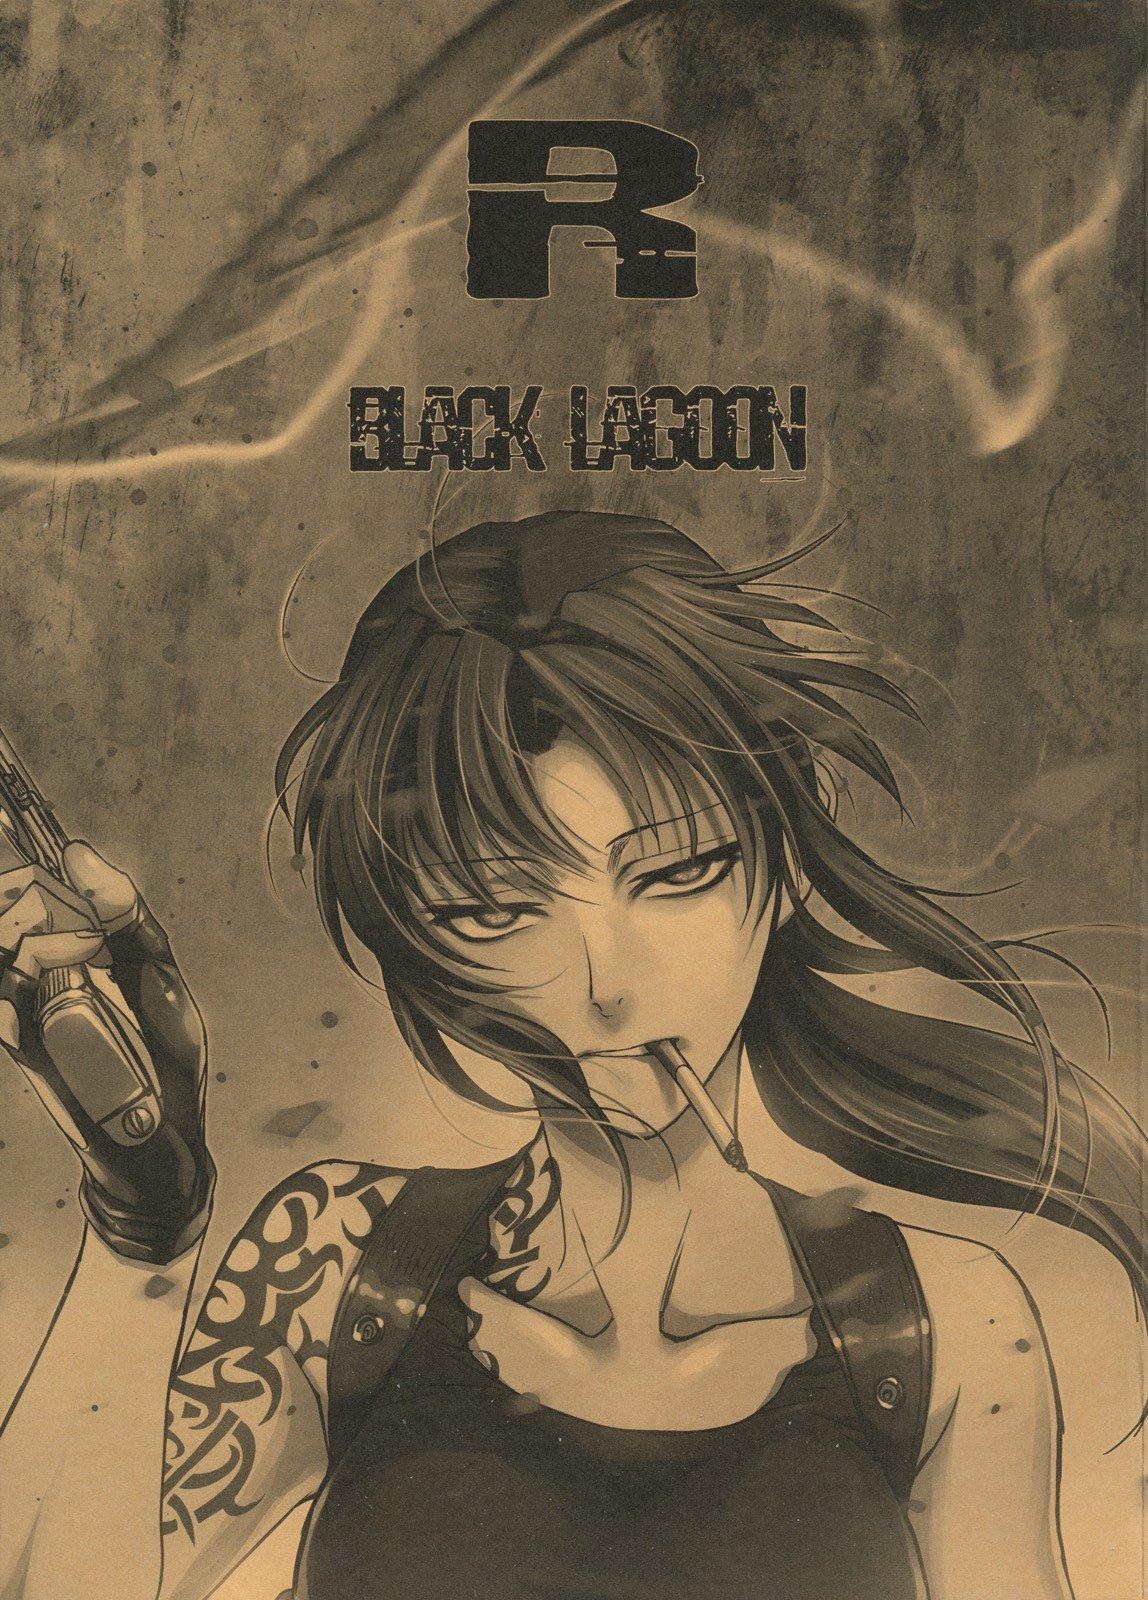 デスクトップ壁紙 1148x1600 Px アニメの女の子 ブラックラグーン